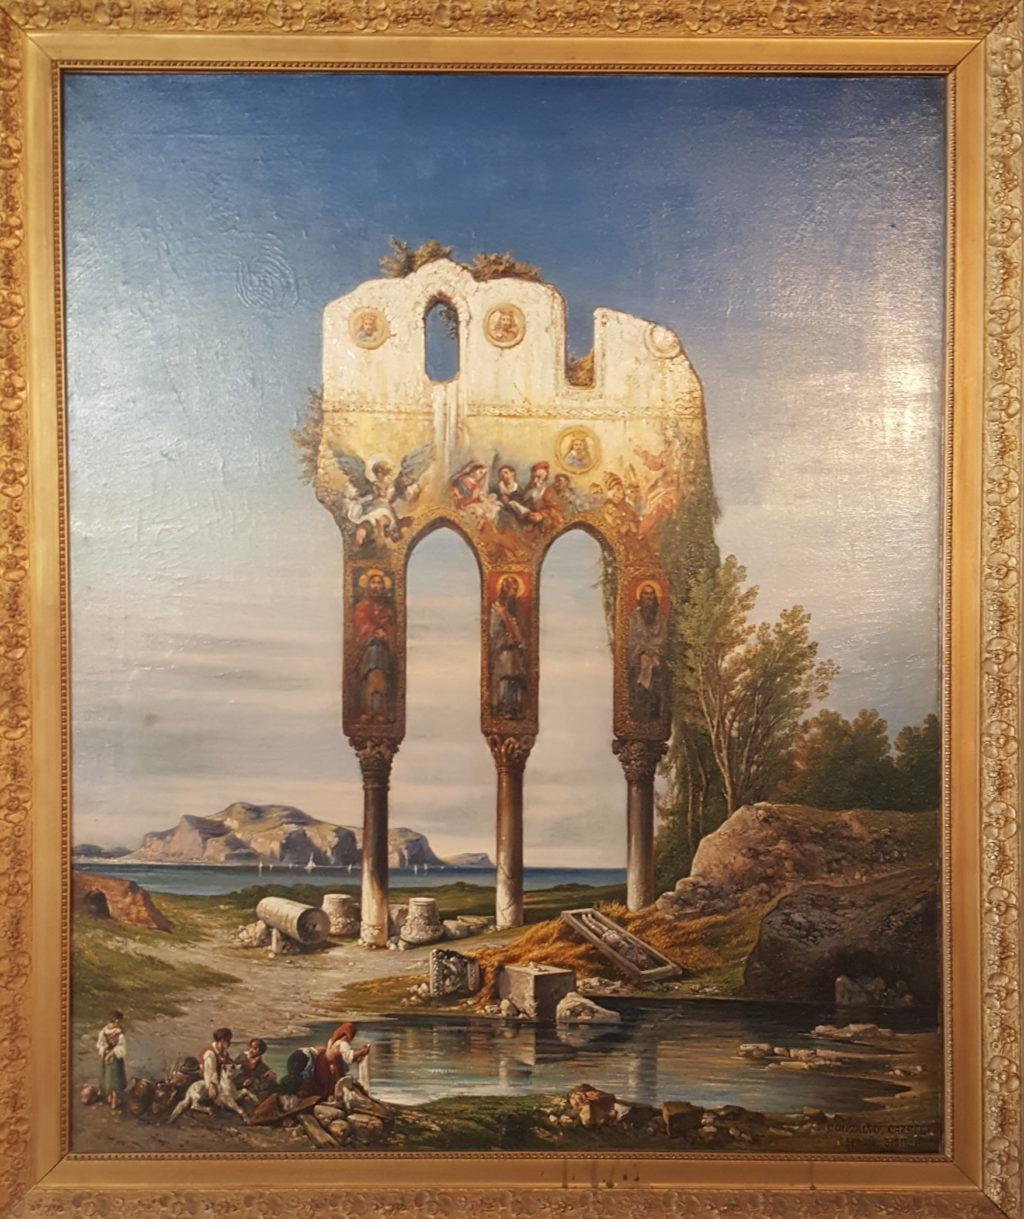 Polo Museale Civico Giulianova: la collezione artistica Bindi va in restauro